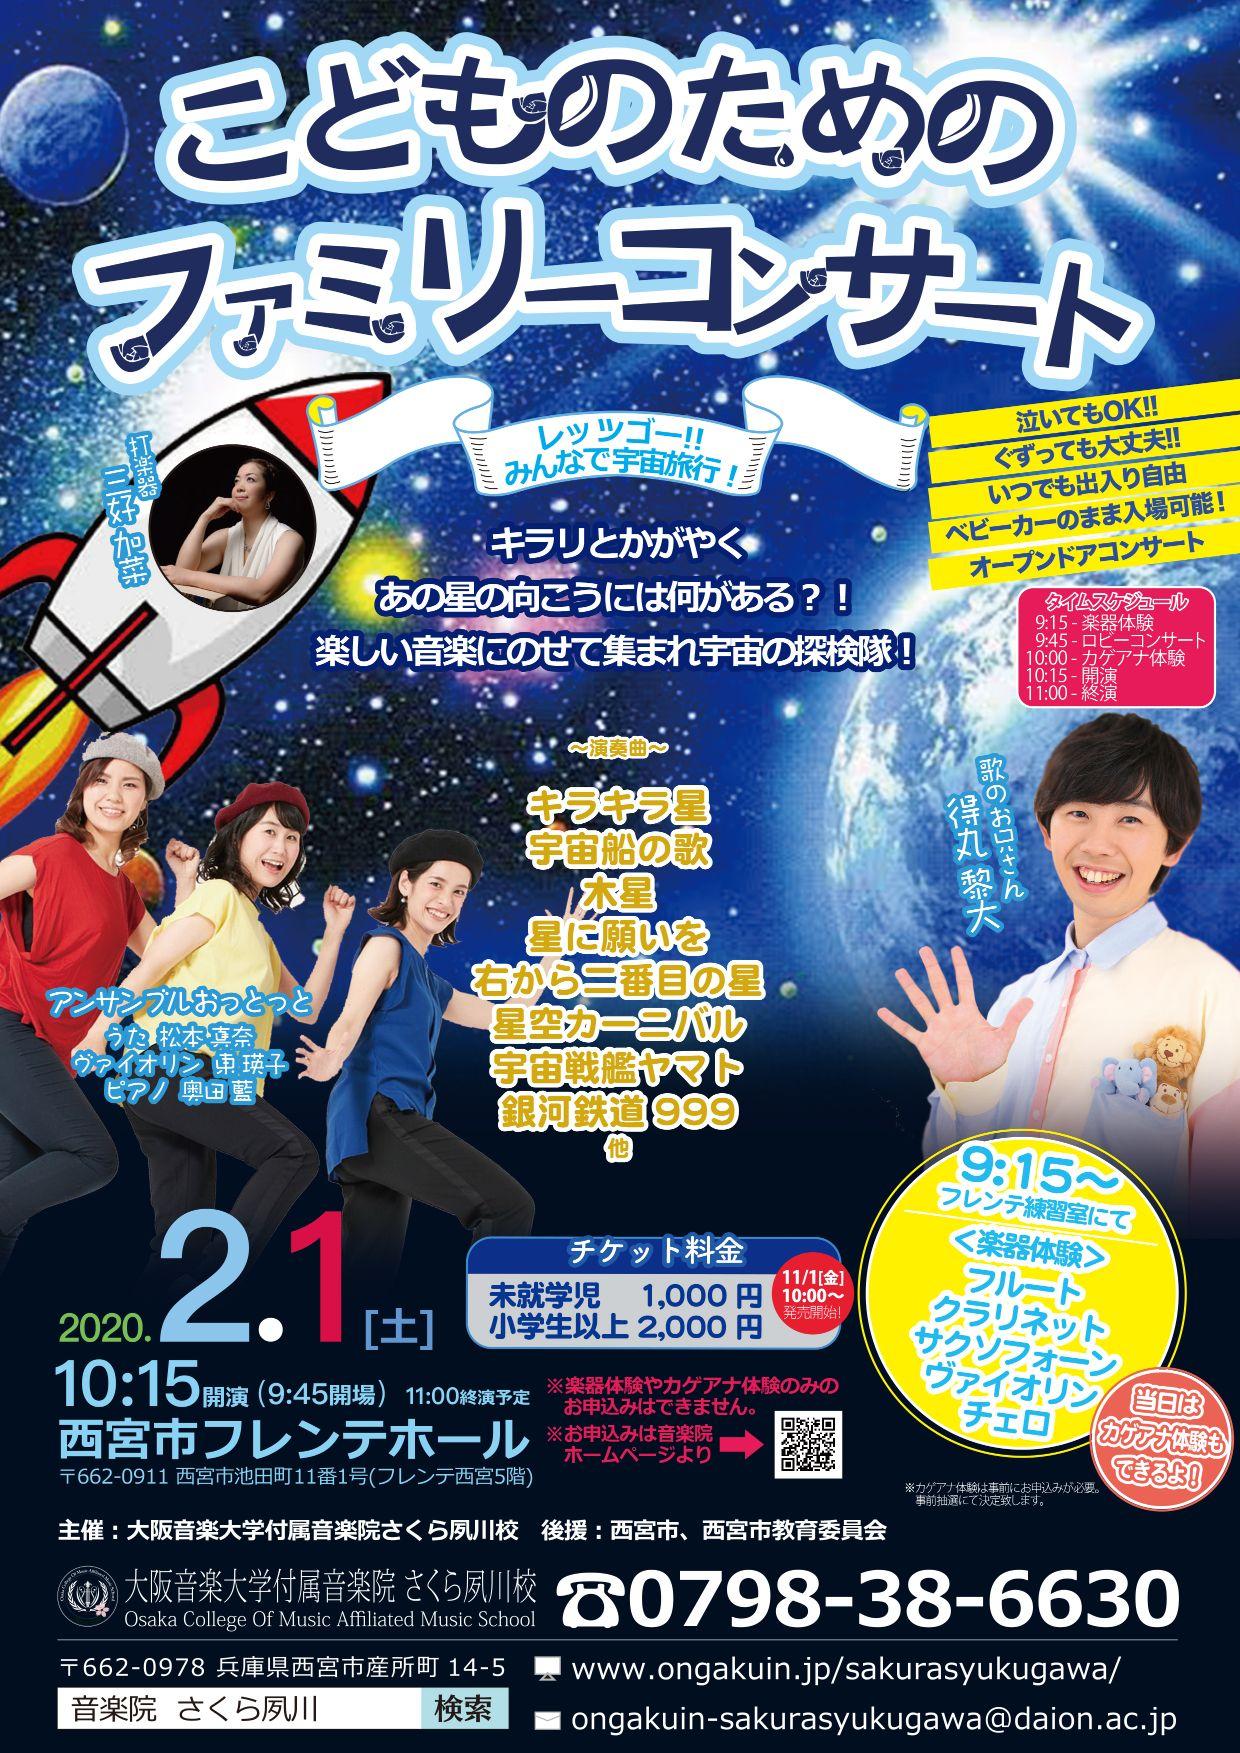 2020/2/1ファミリーコンサート